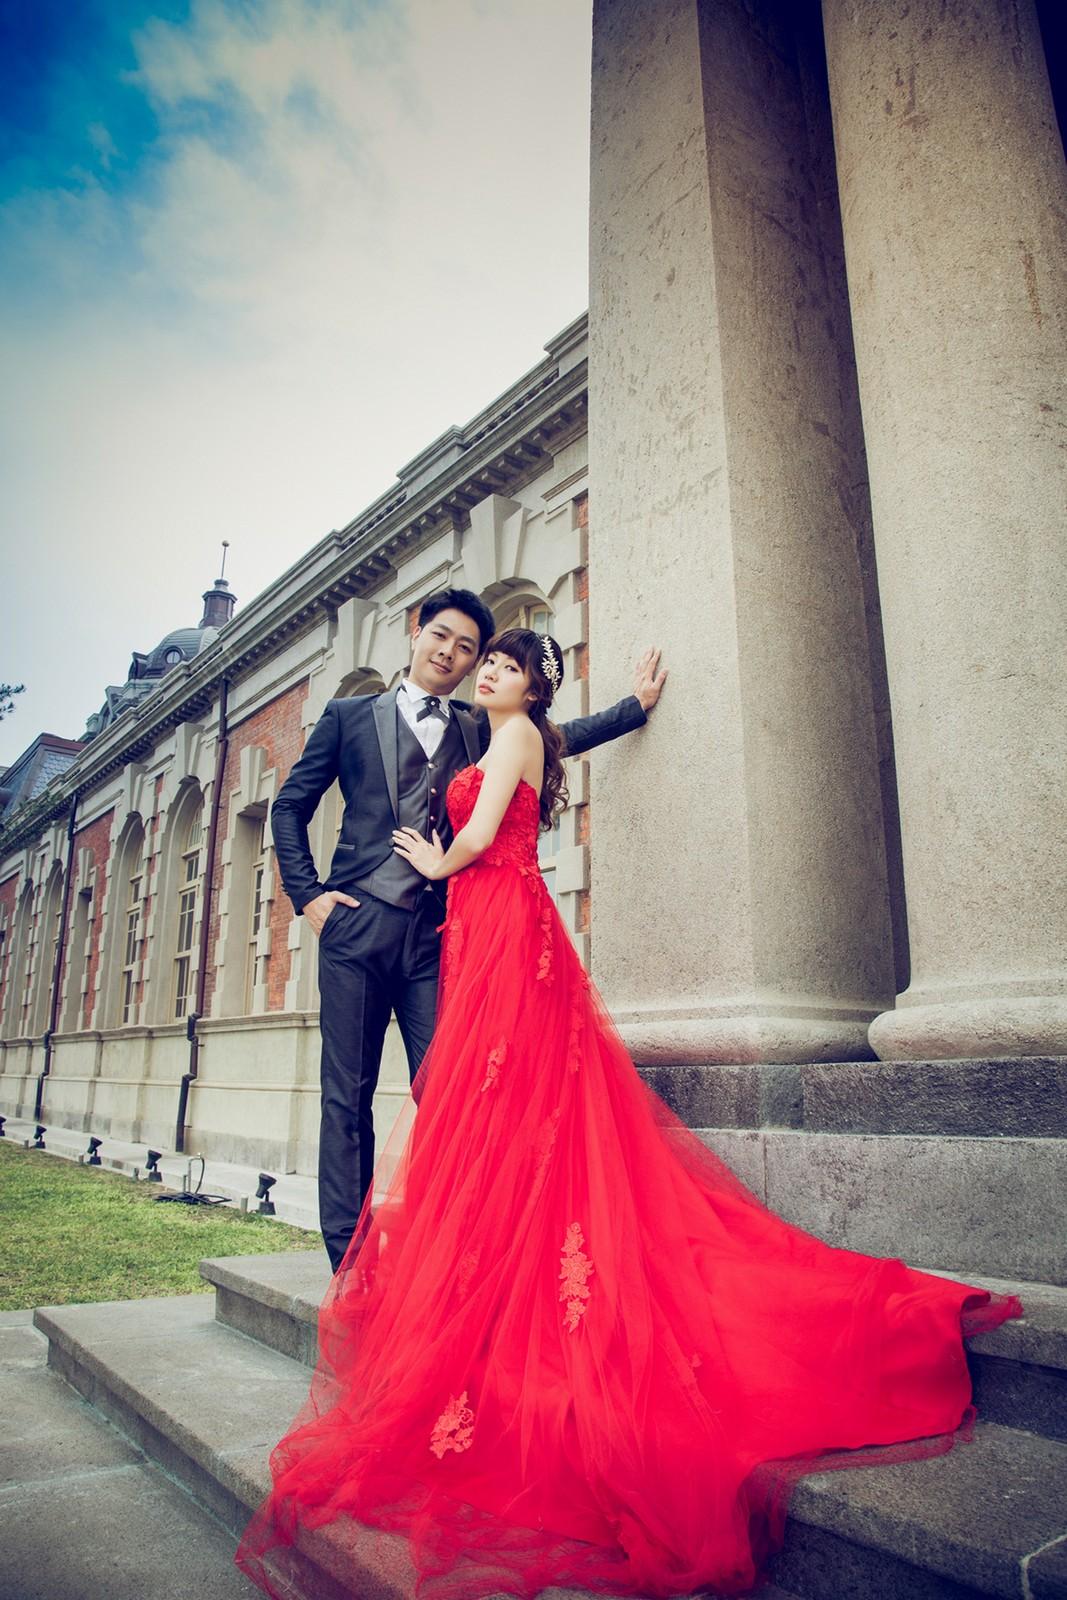 自助婚紗,自主婚紗推薦,台南 自助婚紗,tn14